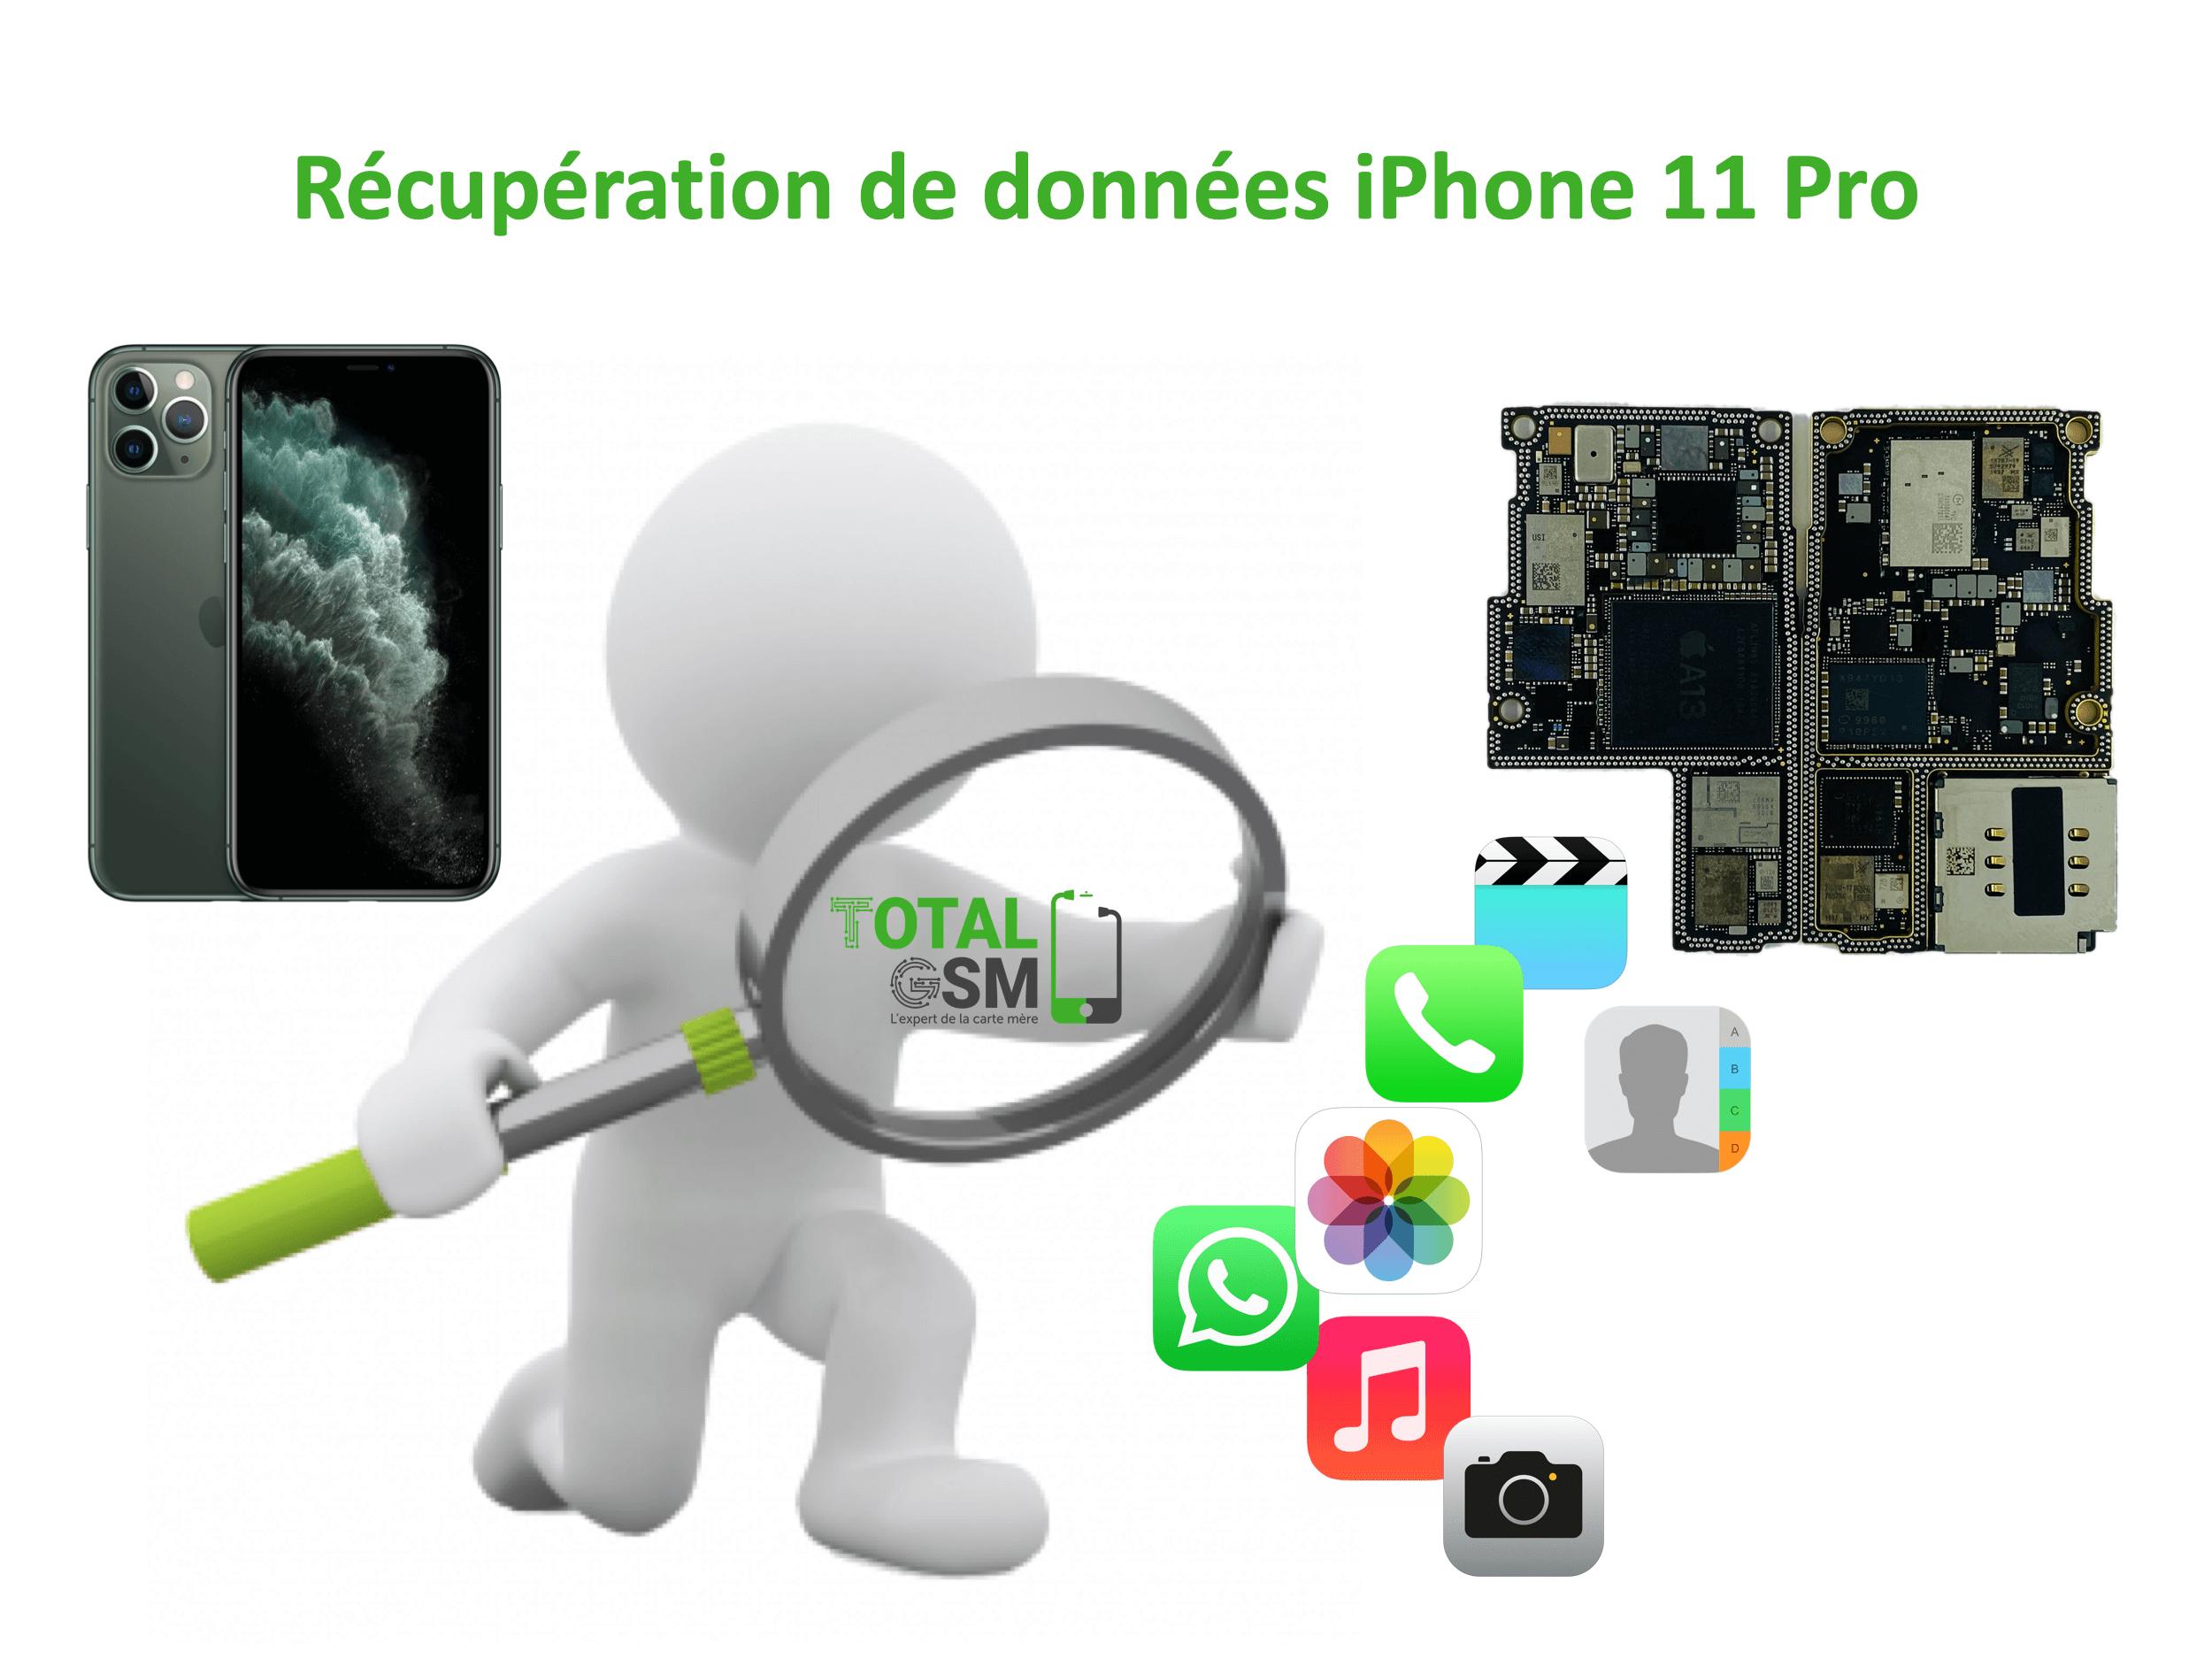 Récupération de données iphone 11 pro